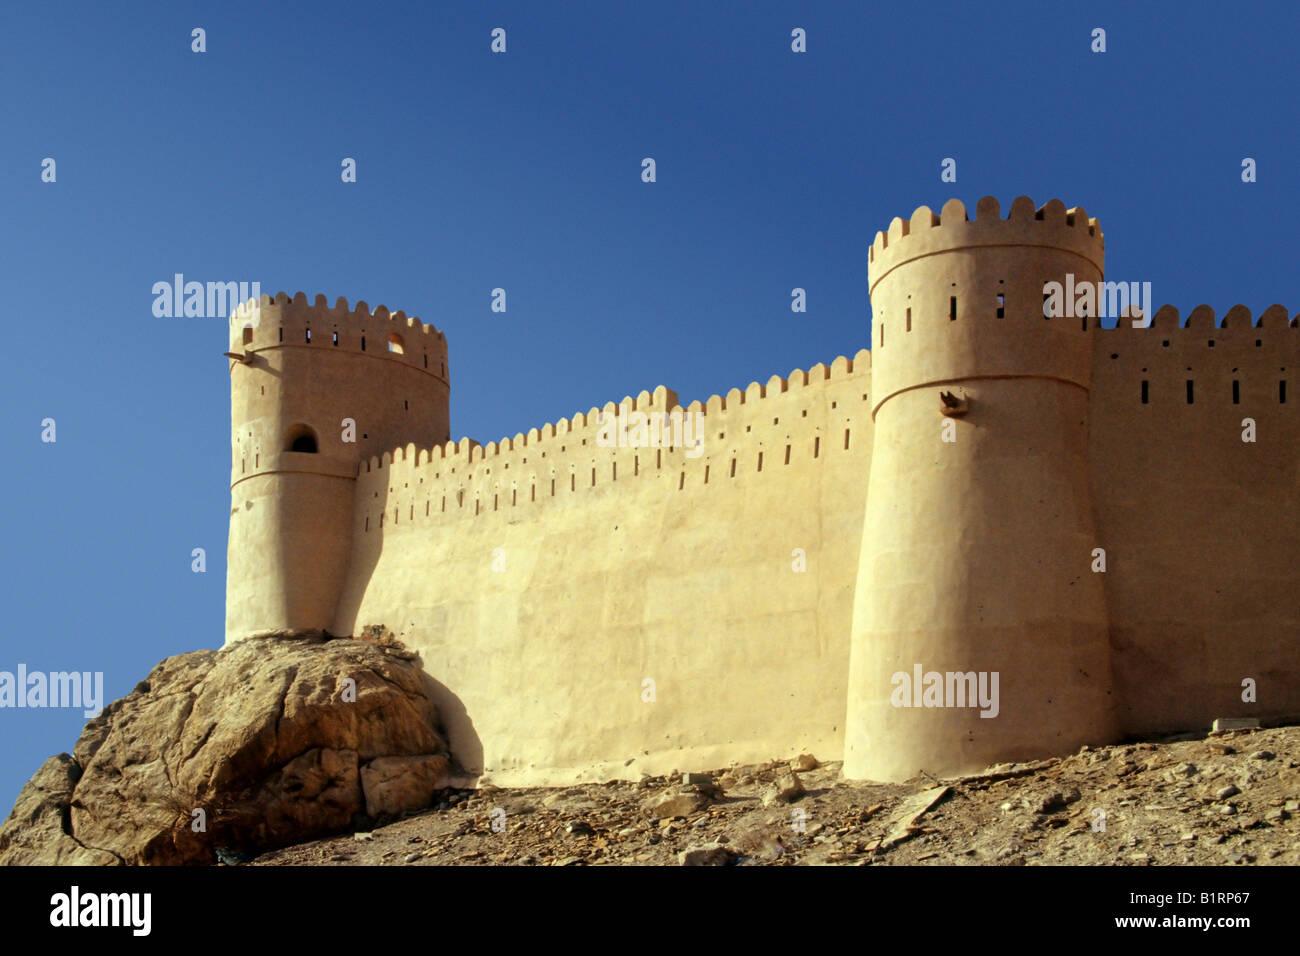 La forteresse de Nakhl, situé sur une colline, Oman, l'Arabie, la péninsule arabe, l'Asie centrale, Photo Stock